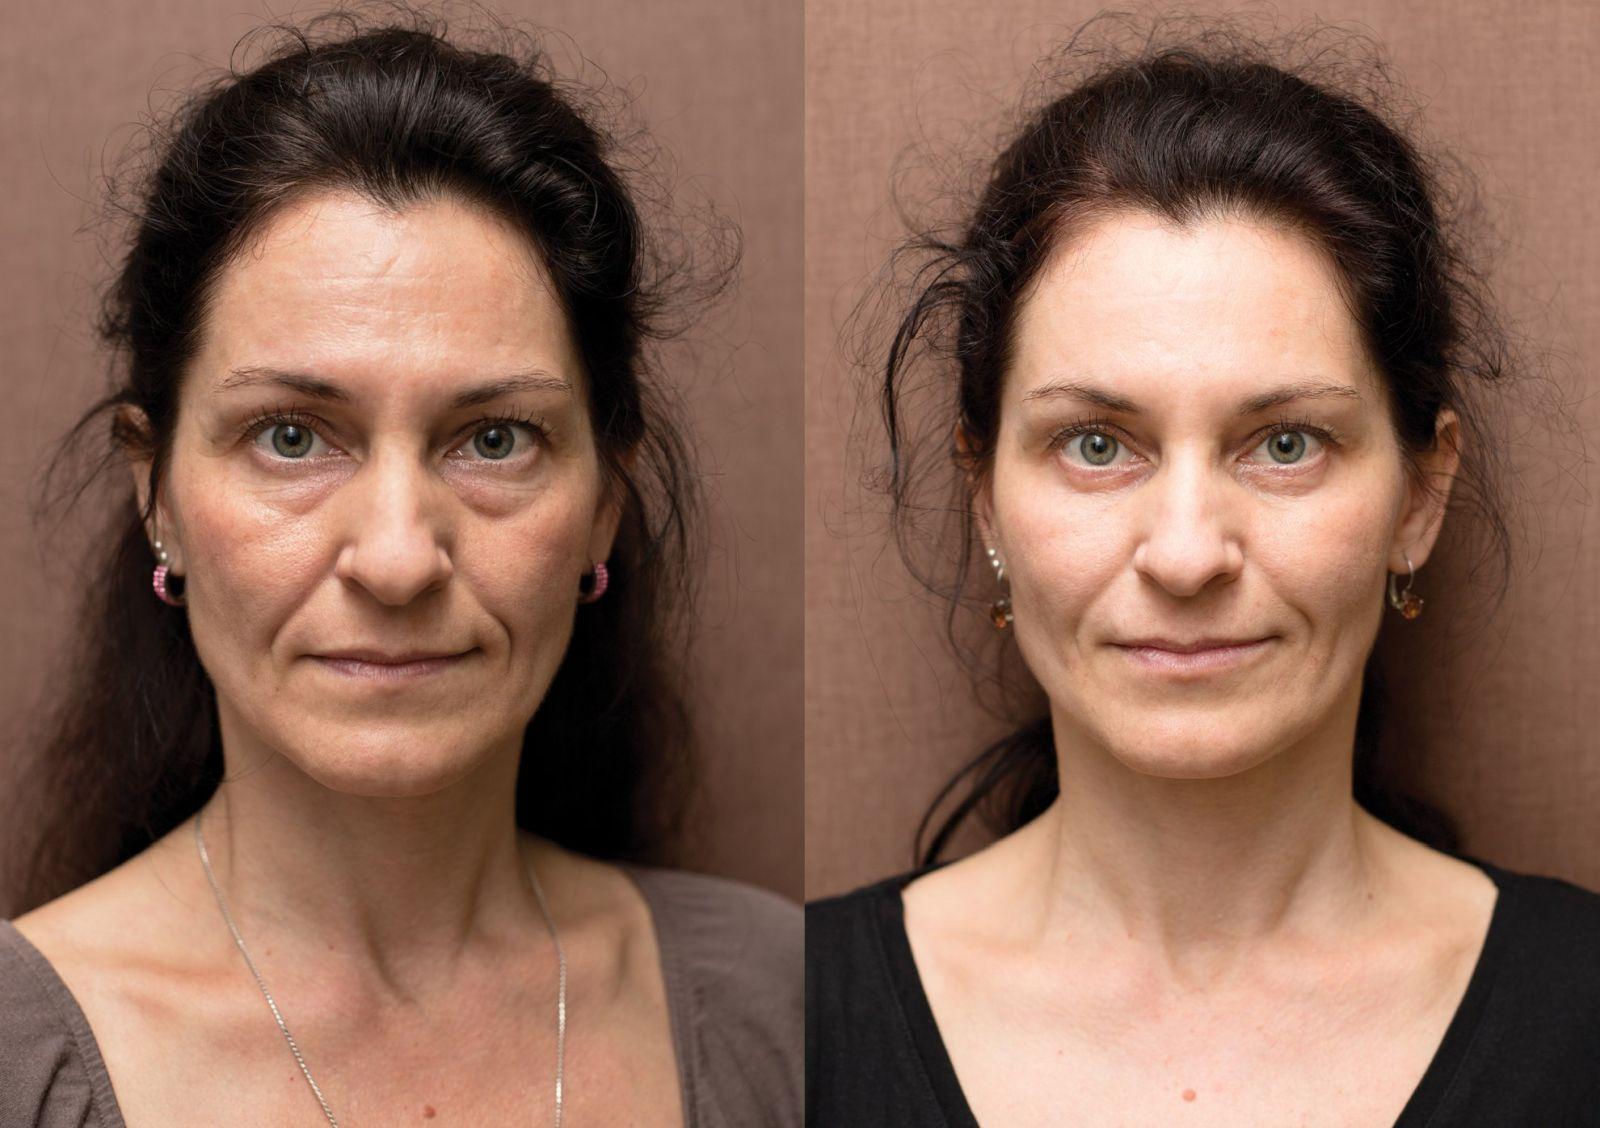 Anti-aging proměny: Botolutoxin, operace víček, Skinbooster, injekční výplně, zvětšení rtů